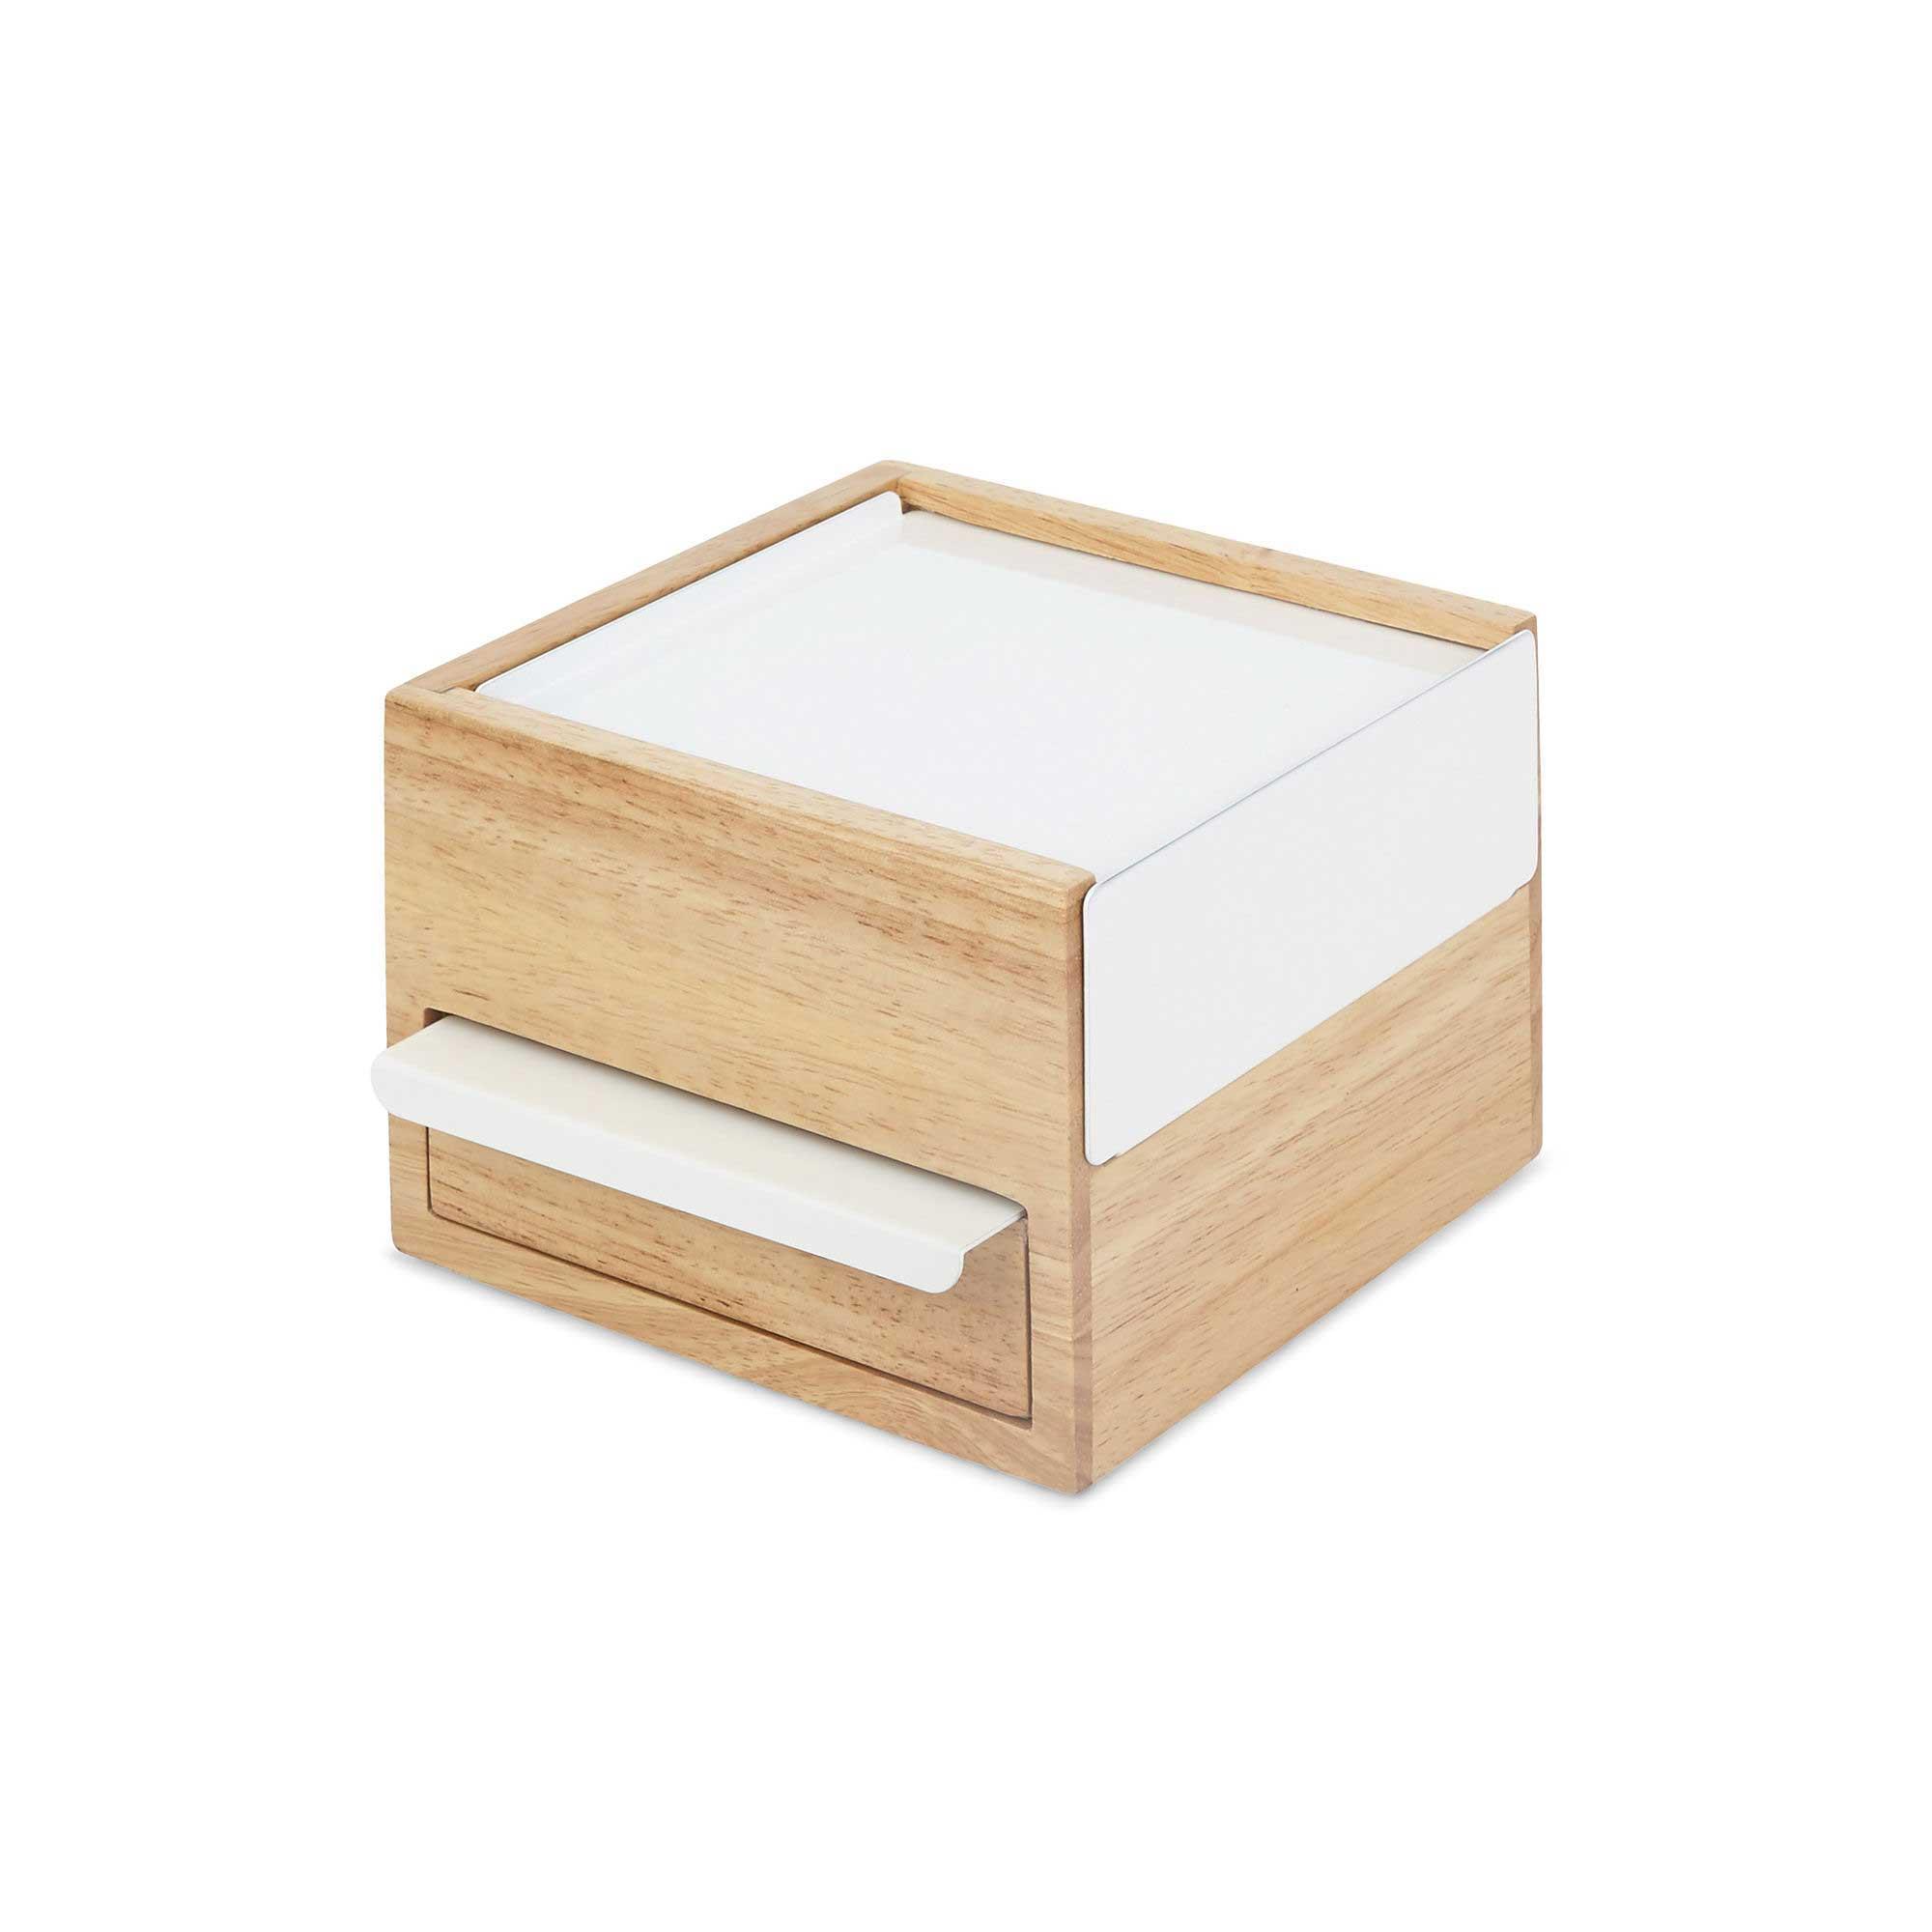 ストーイット ミニ ジュエリーボックスの商品画像